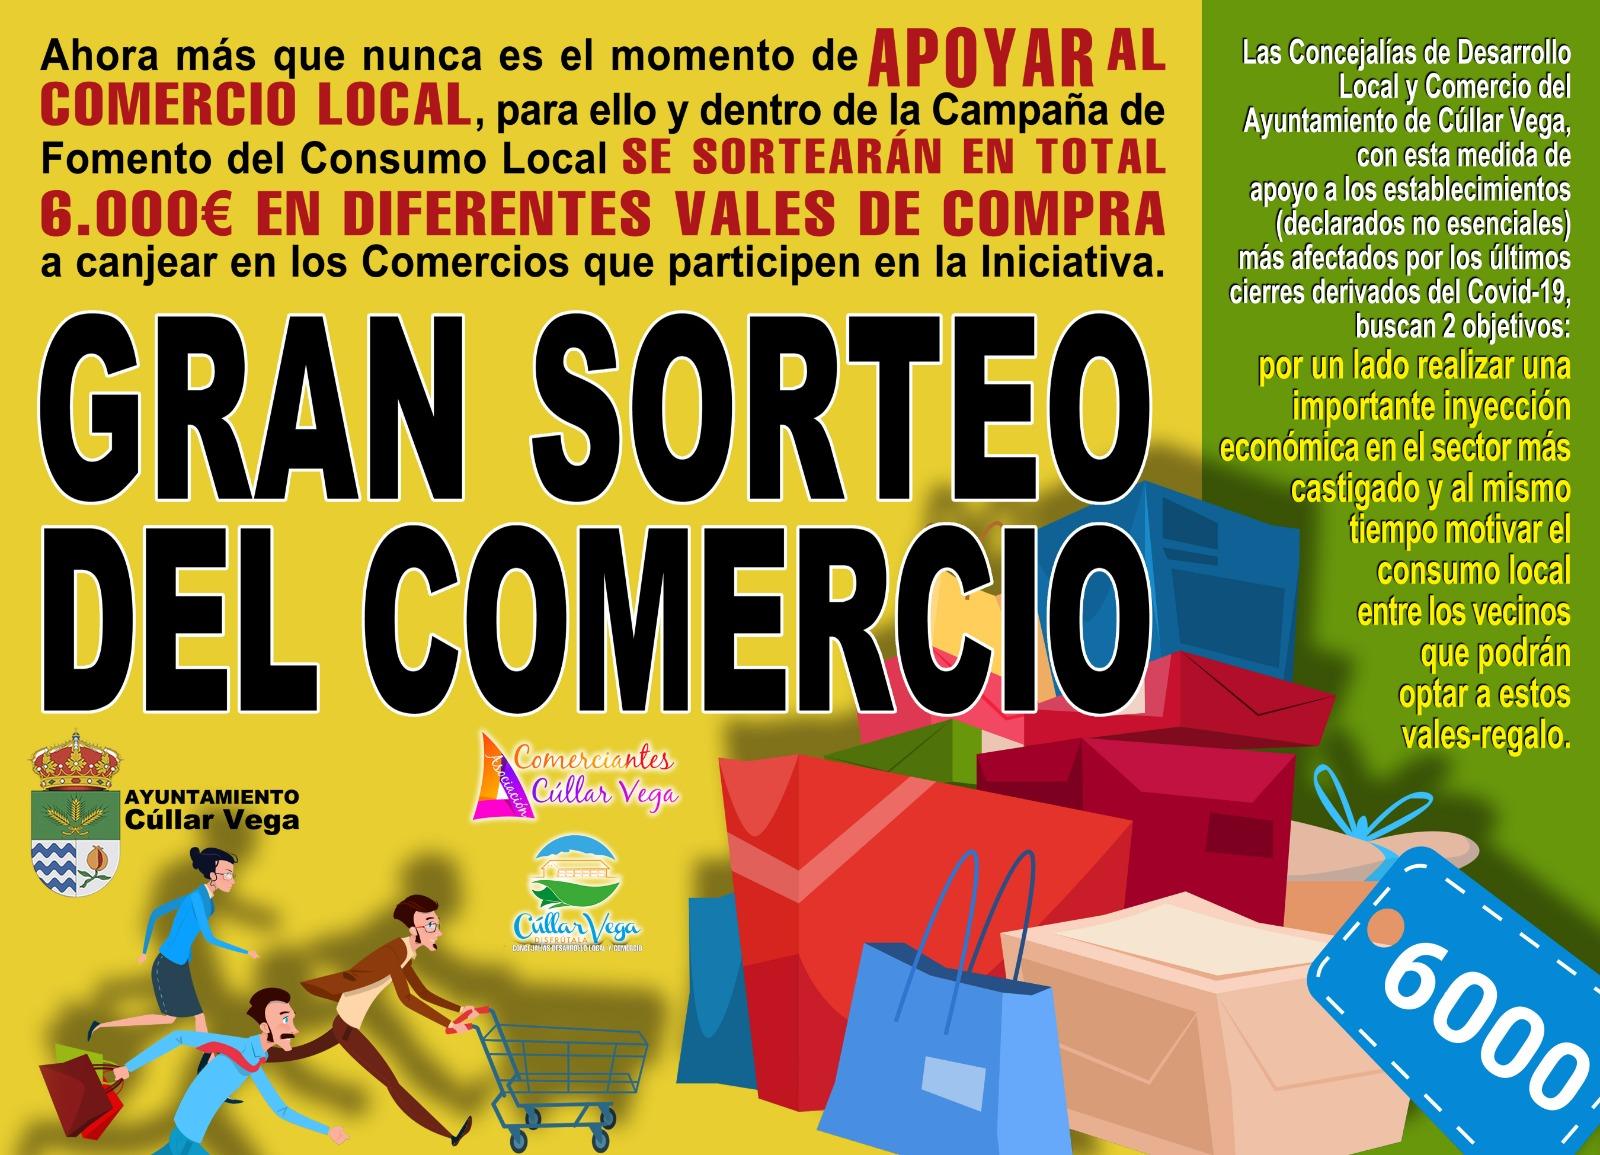 Campaña de Fomento del Consumo Local: Sorteo de 6.000 € en vales para canjear en comercios de Cúllar Vega